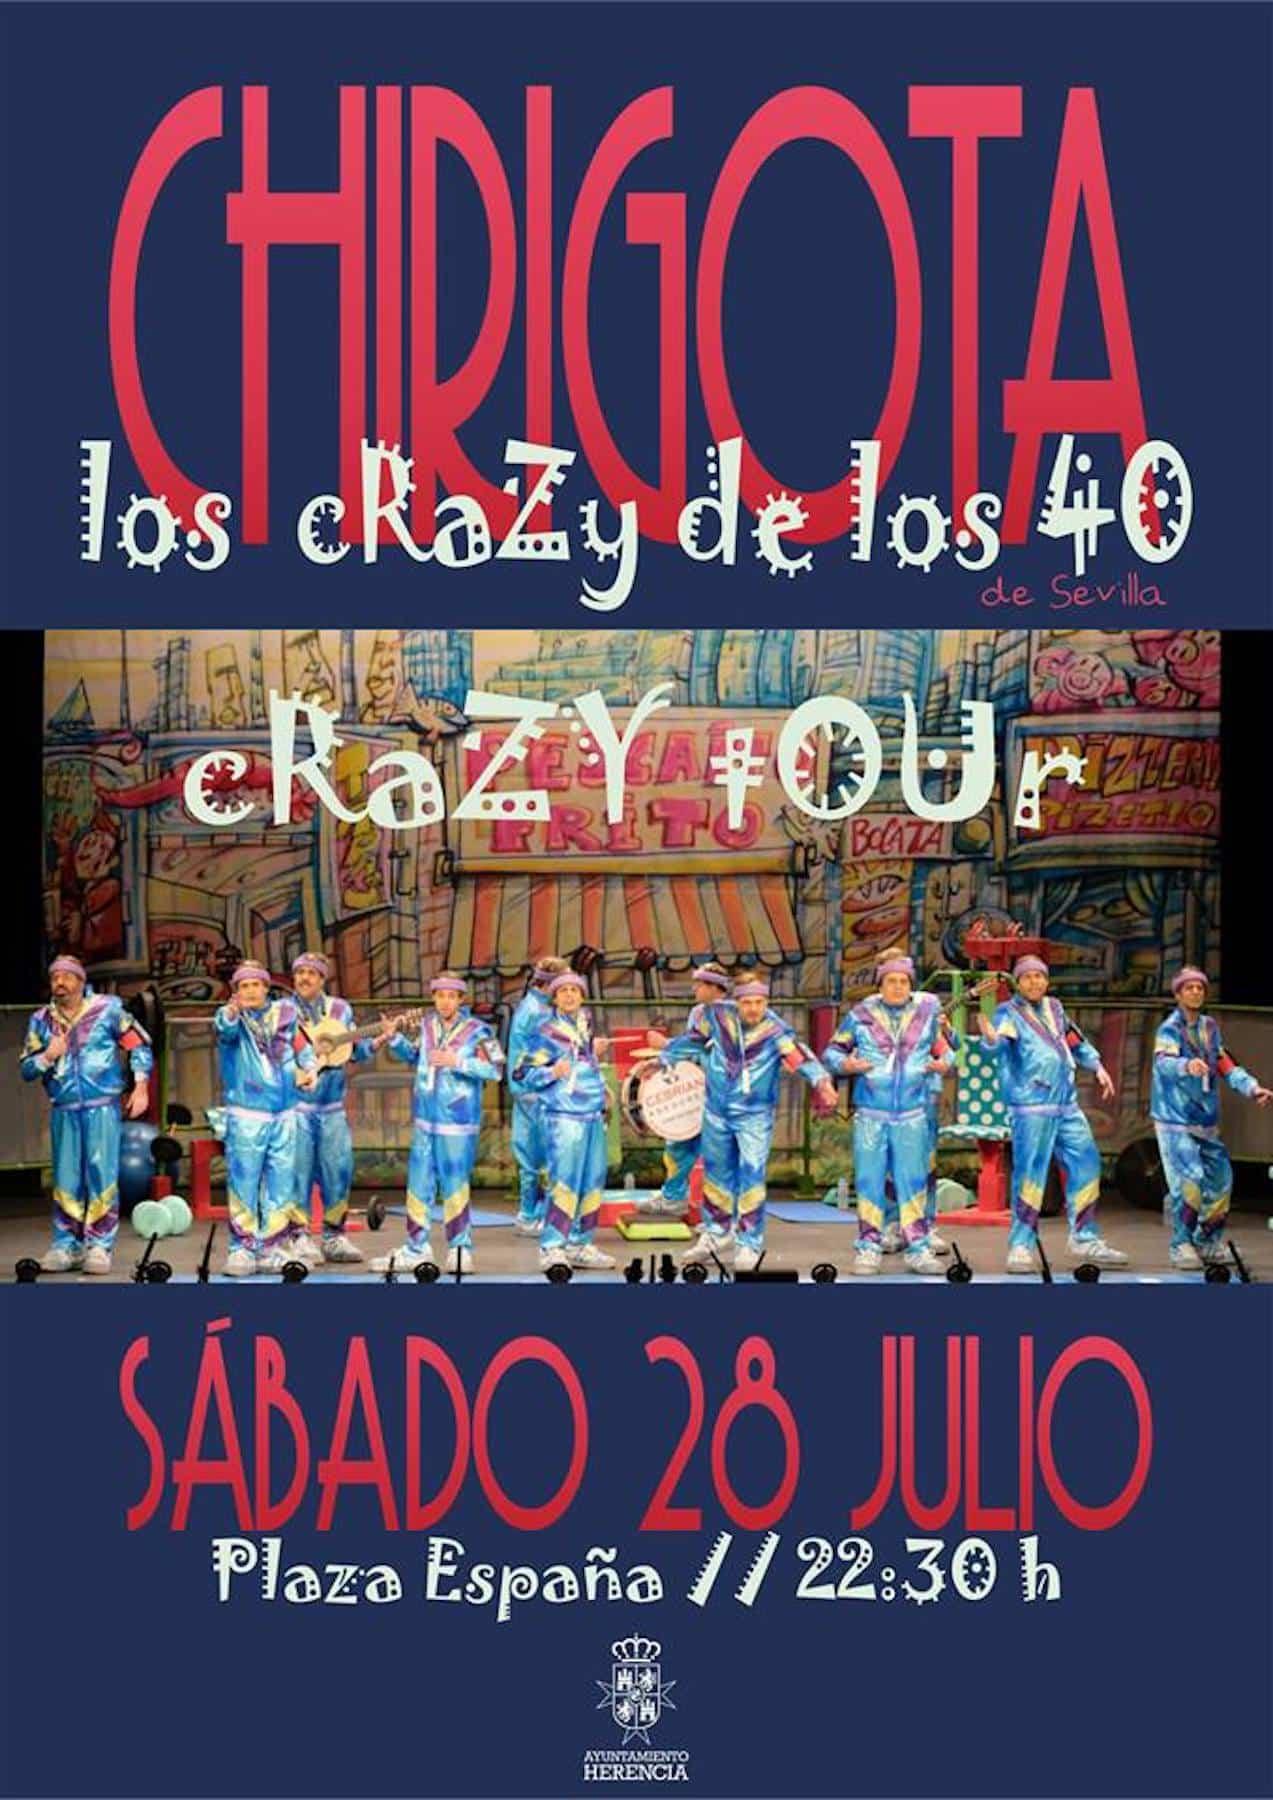 """Actuación de la Chirigota """"Los Crazy de los 40"""" en la Plaza de España el 28 de julio 1"""